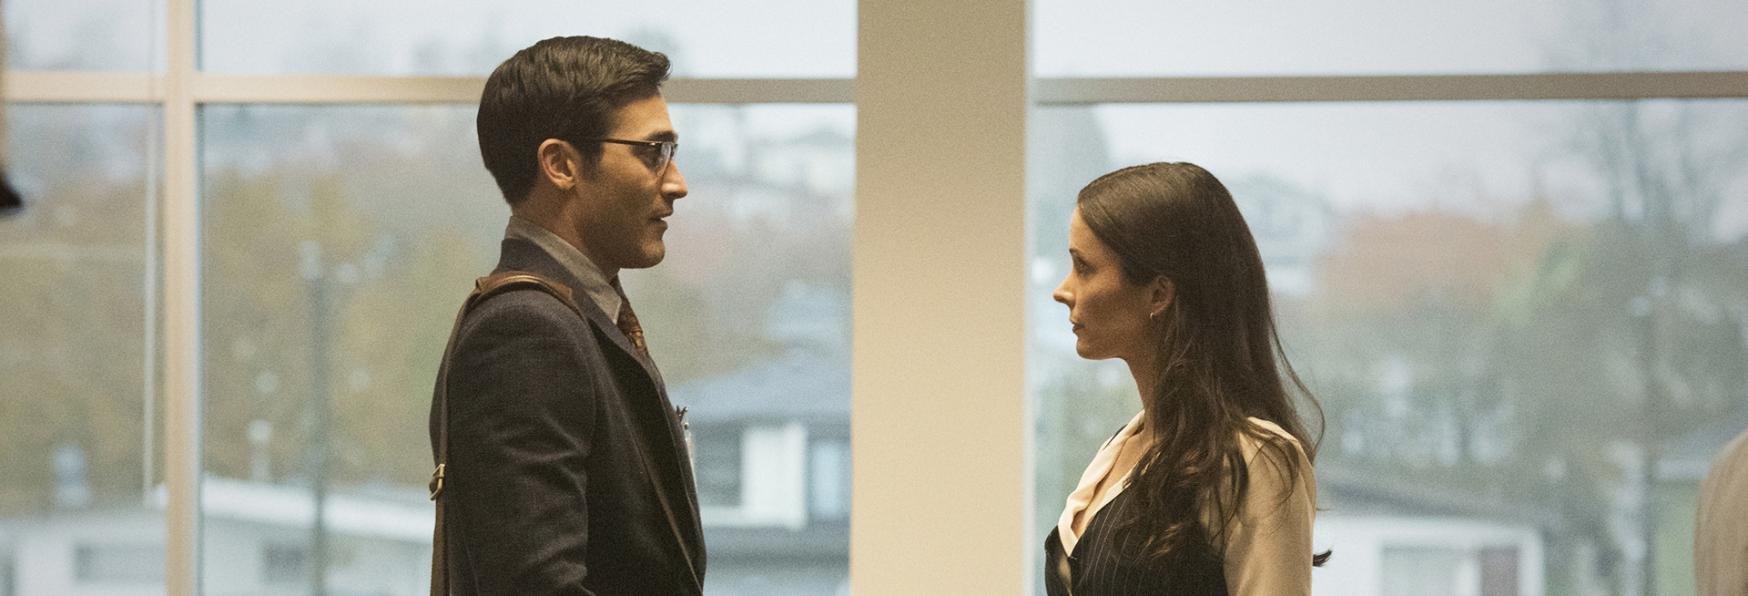 Superman & Lois: Rilasciata la Sinossi del 6° Episodio della Serie TV